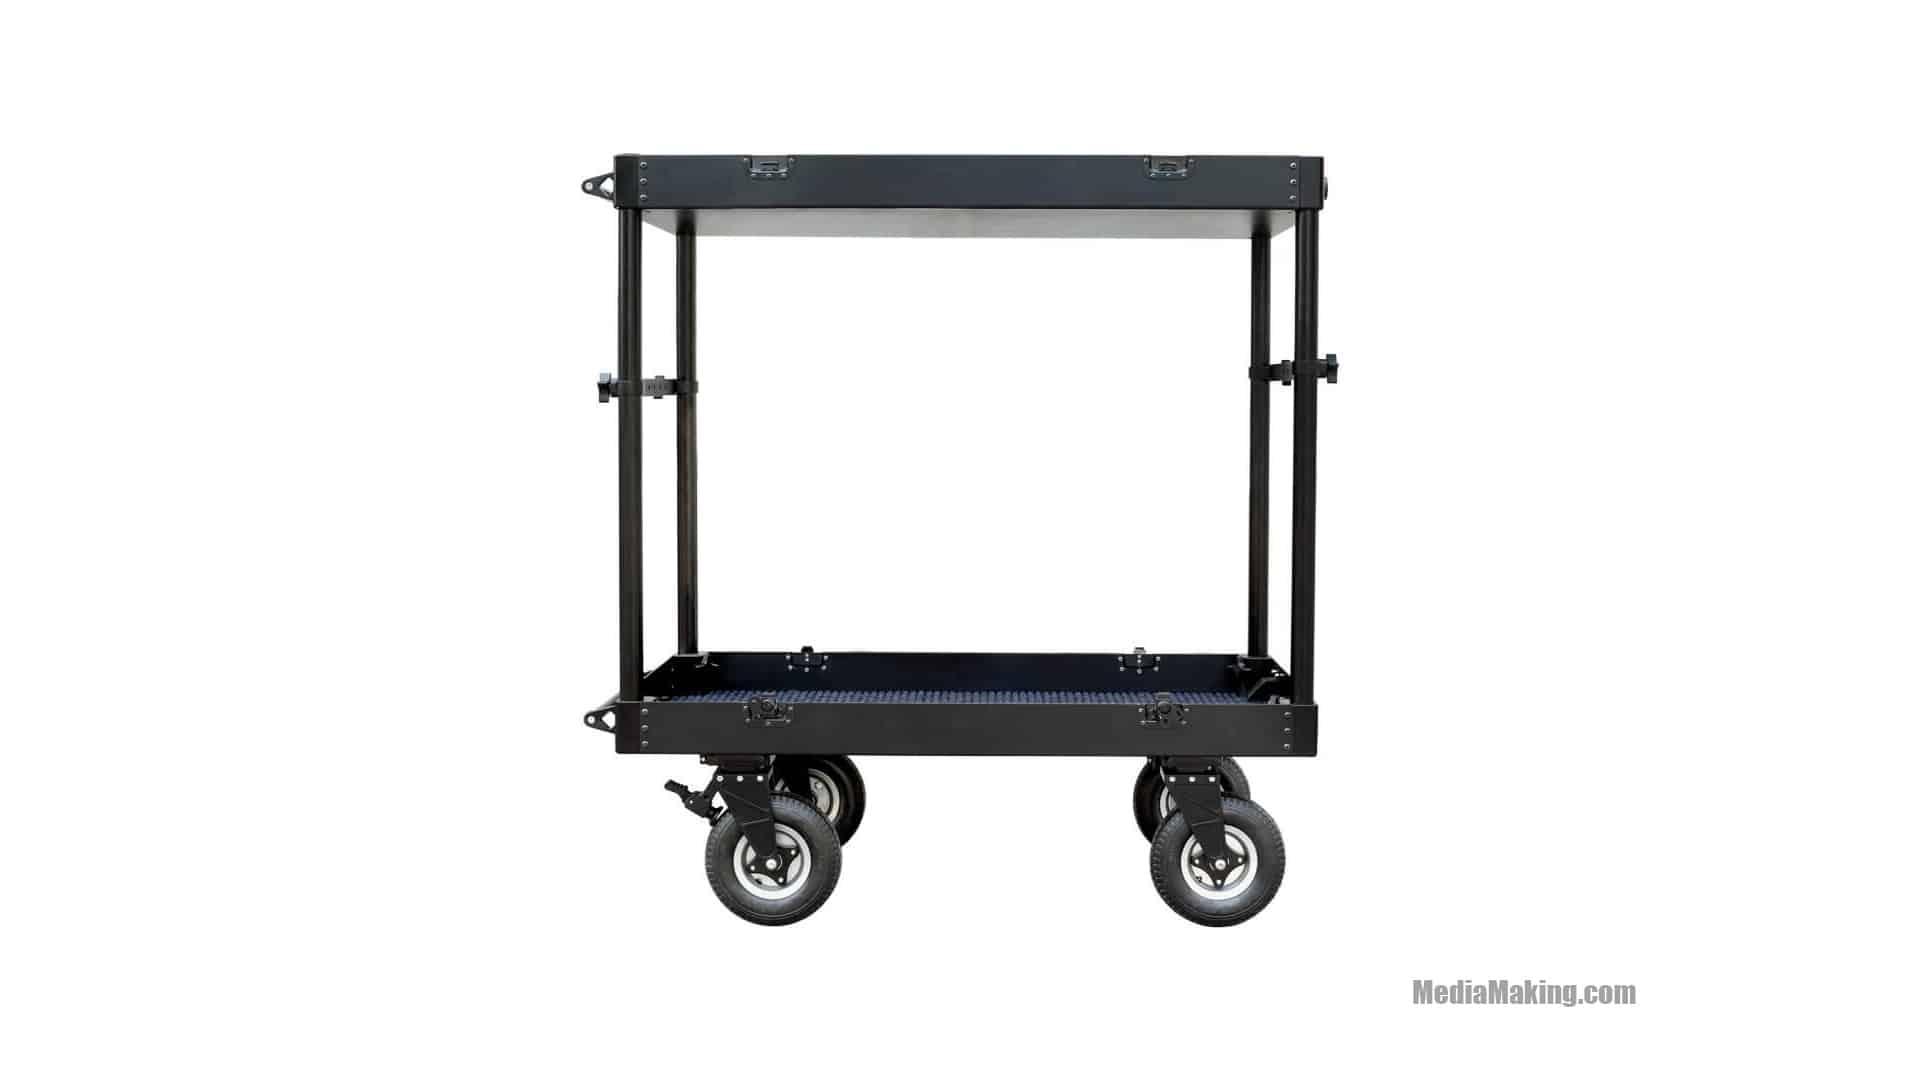 noleggio dolly, Dollies (Carts), MediaMaking